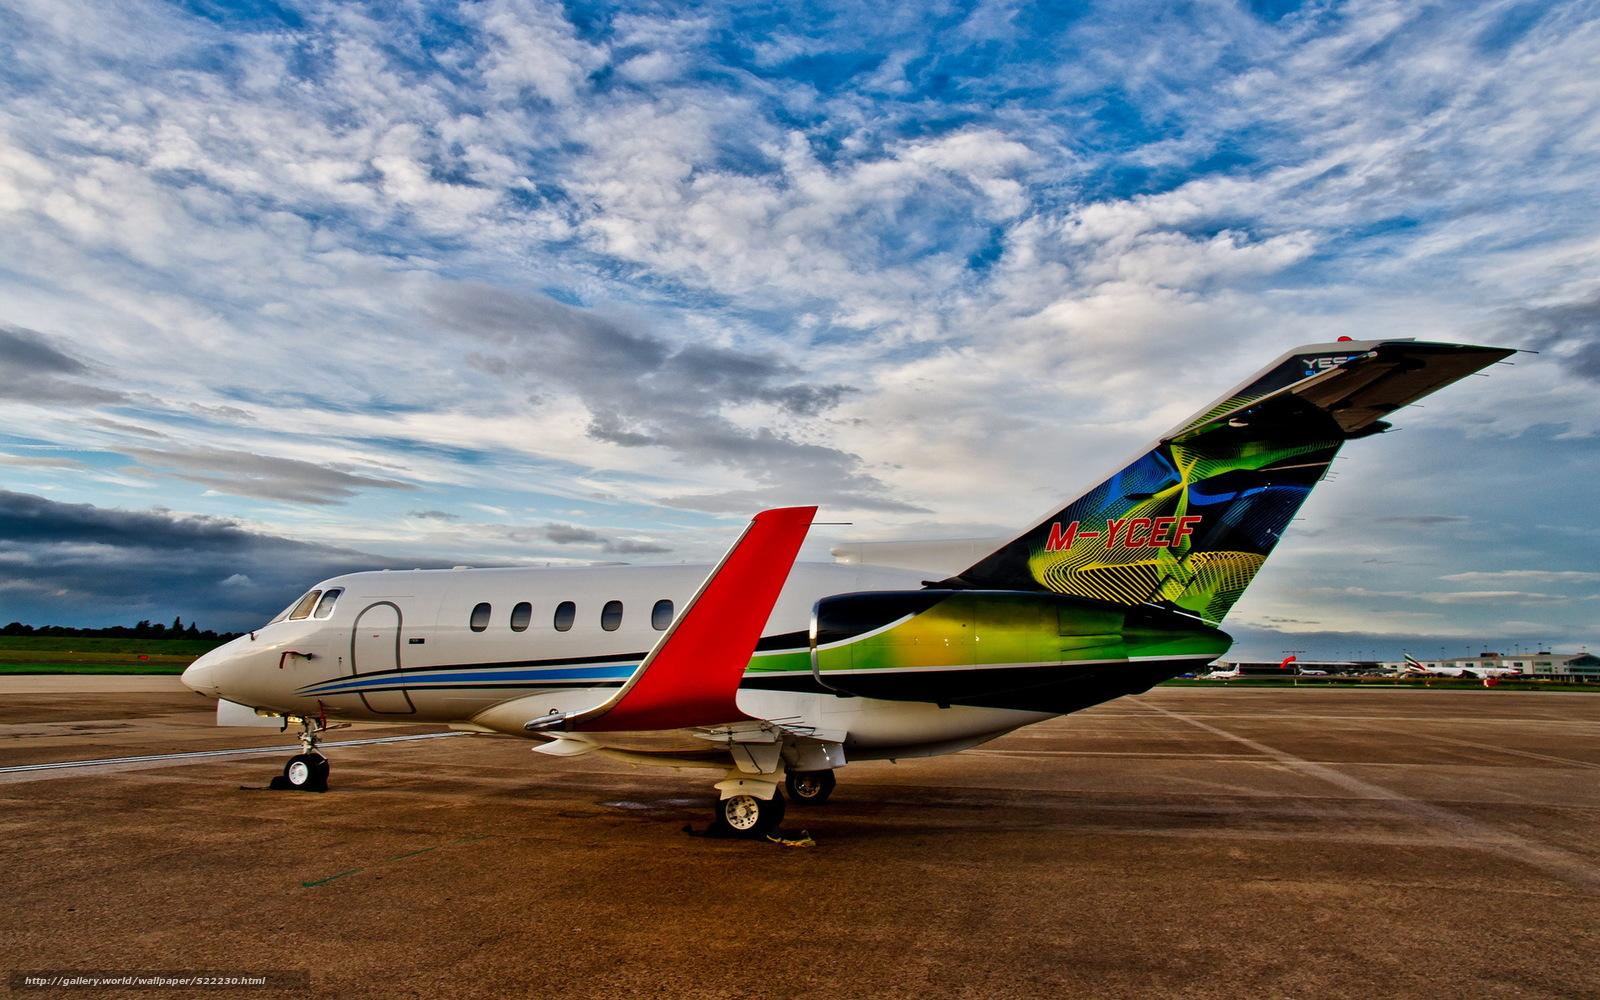 Скачать обои авиация,  самолёт,  аэродром бесплатно для рабочего стола в разрешении 1920x1200 — картинка №522230